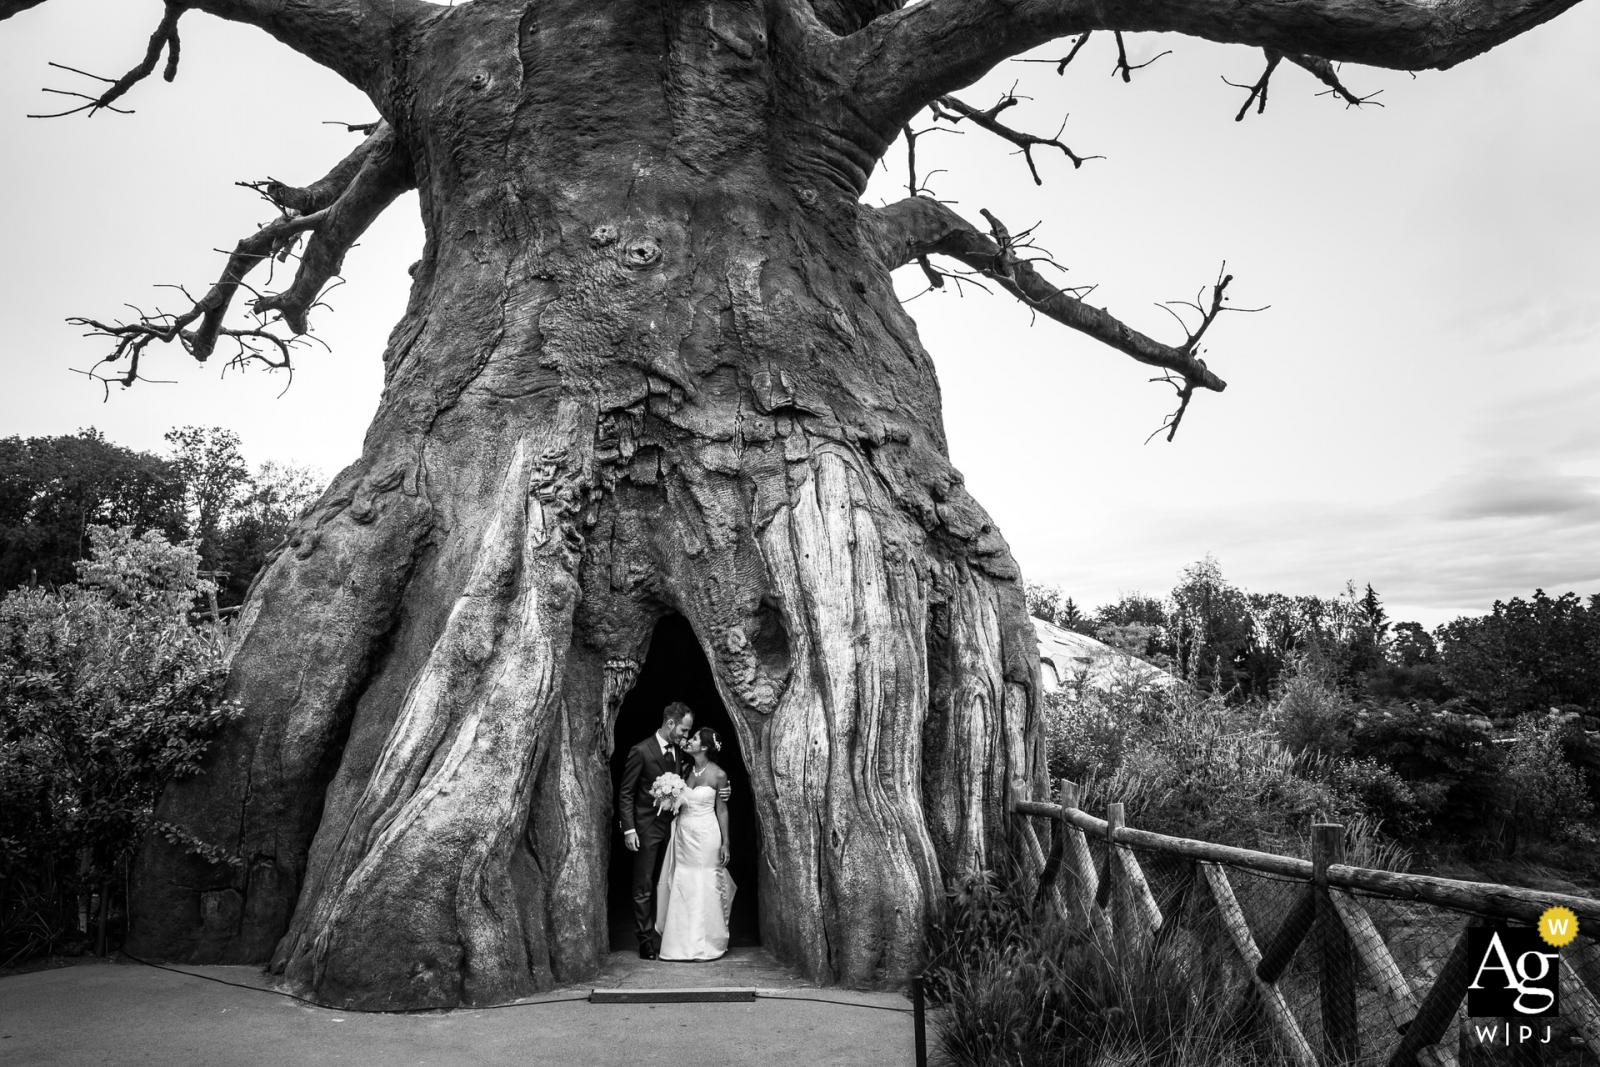 Zurigo wedding portrait captured under a giant tree